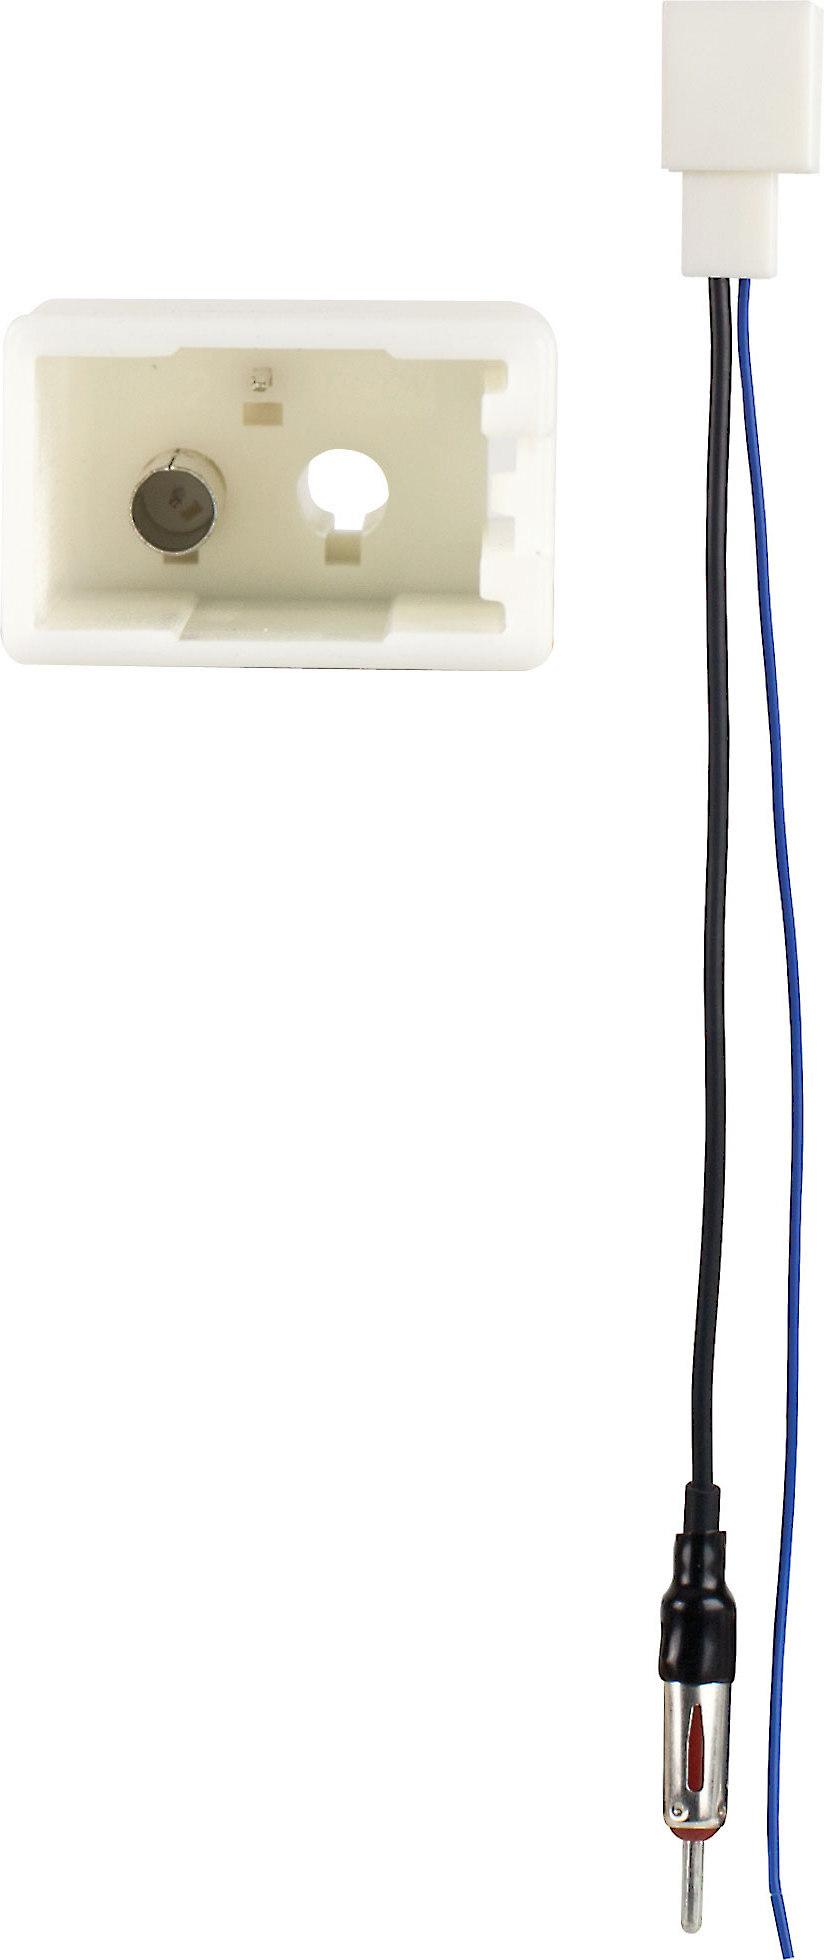 Metra 40-LX31 Antenna Adapter for Lexus FM Modulator